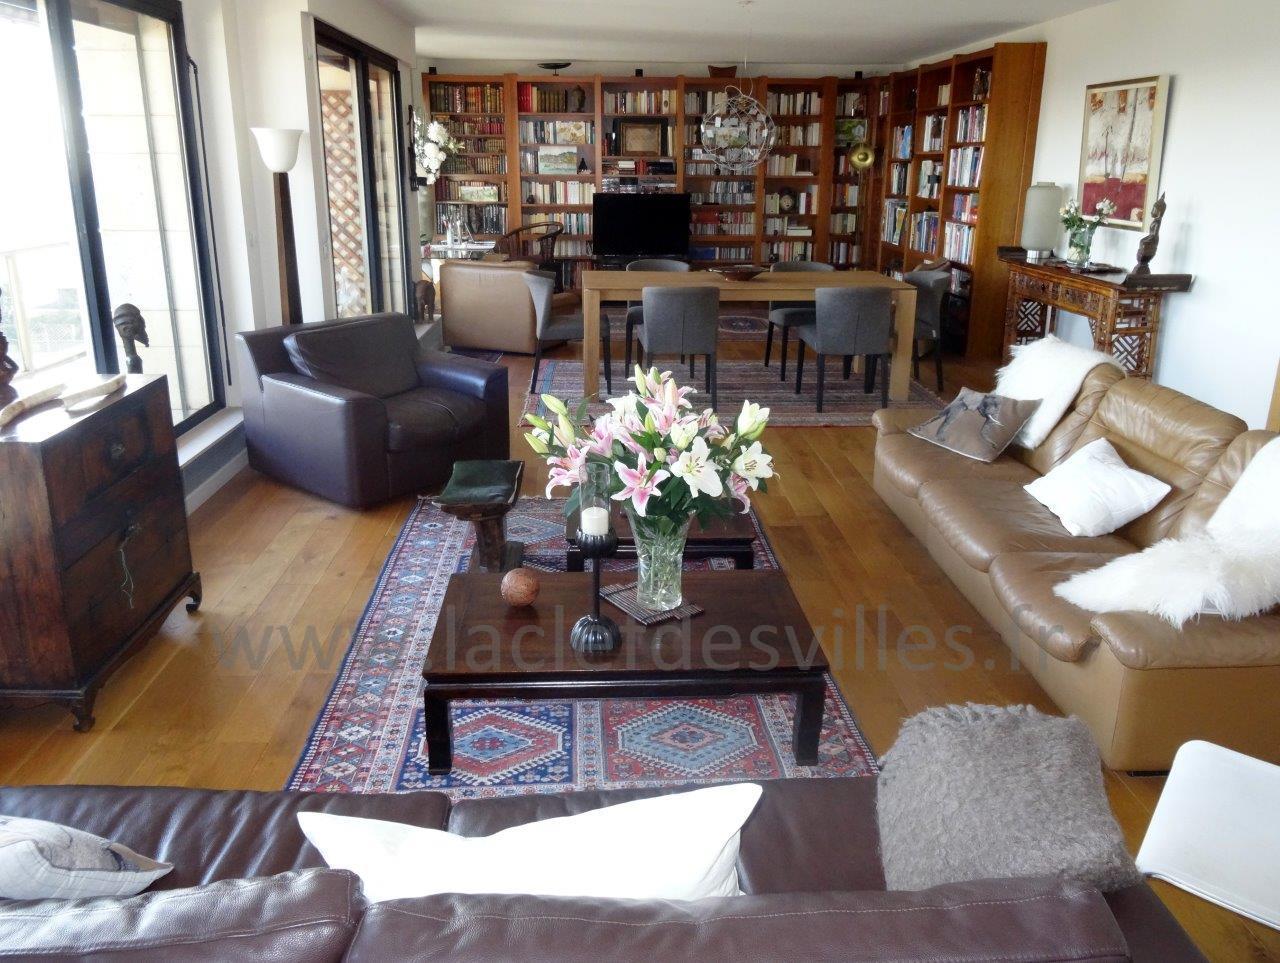 la-clef-des-villes-agence-immobiliere-boulogne-billancourt-chasseur-immobilier-hauts-de-seine-92-arnaud-mascarel-vente-appartement-saint-cloud-photo-double-sejour